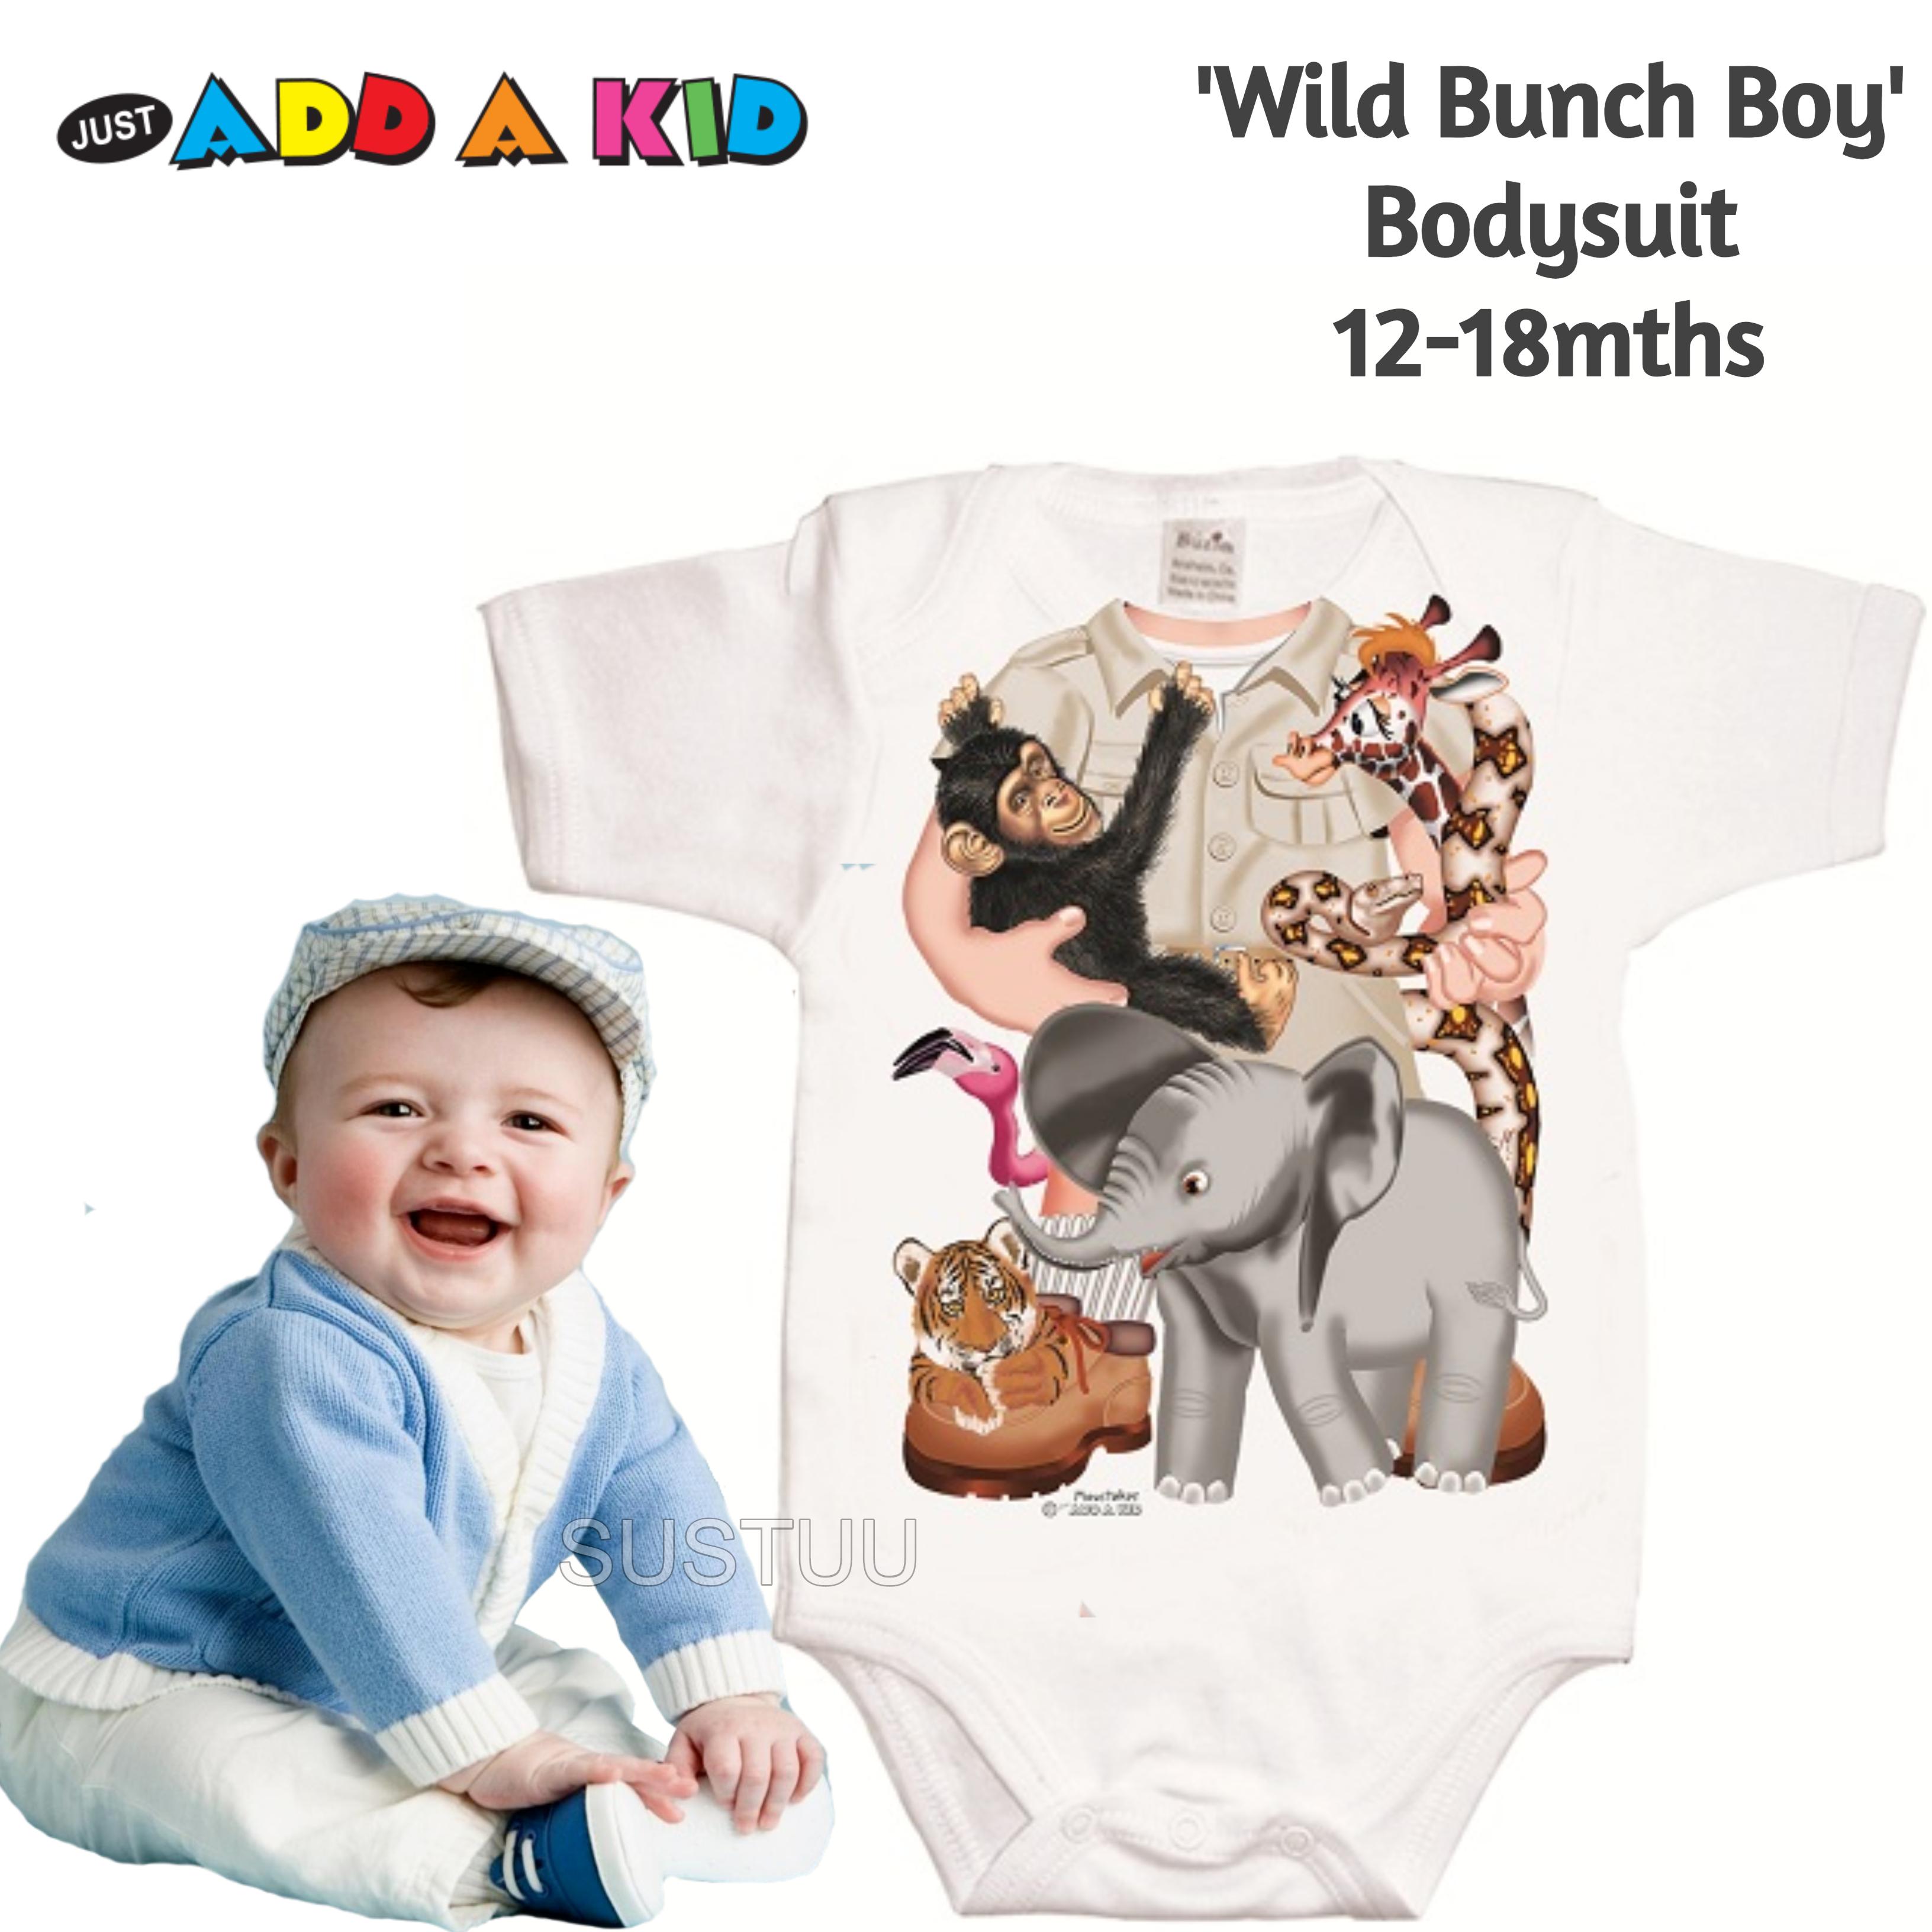 Just Add a Kid 'Wild Bunch Boy' Bodysuit | Super Soft Material | Designer | 12-18mths